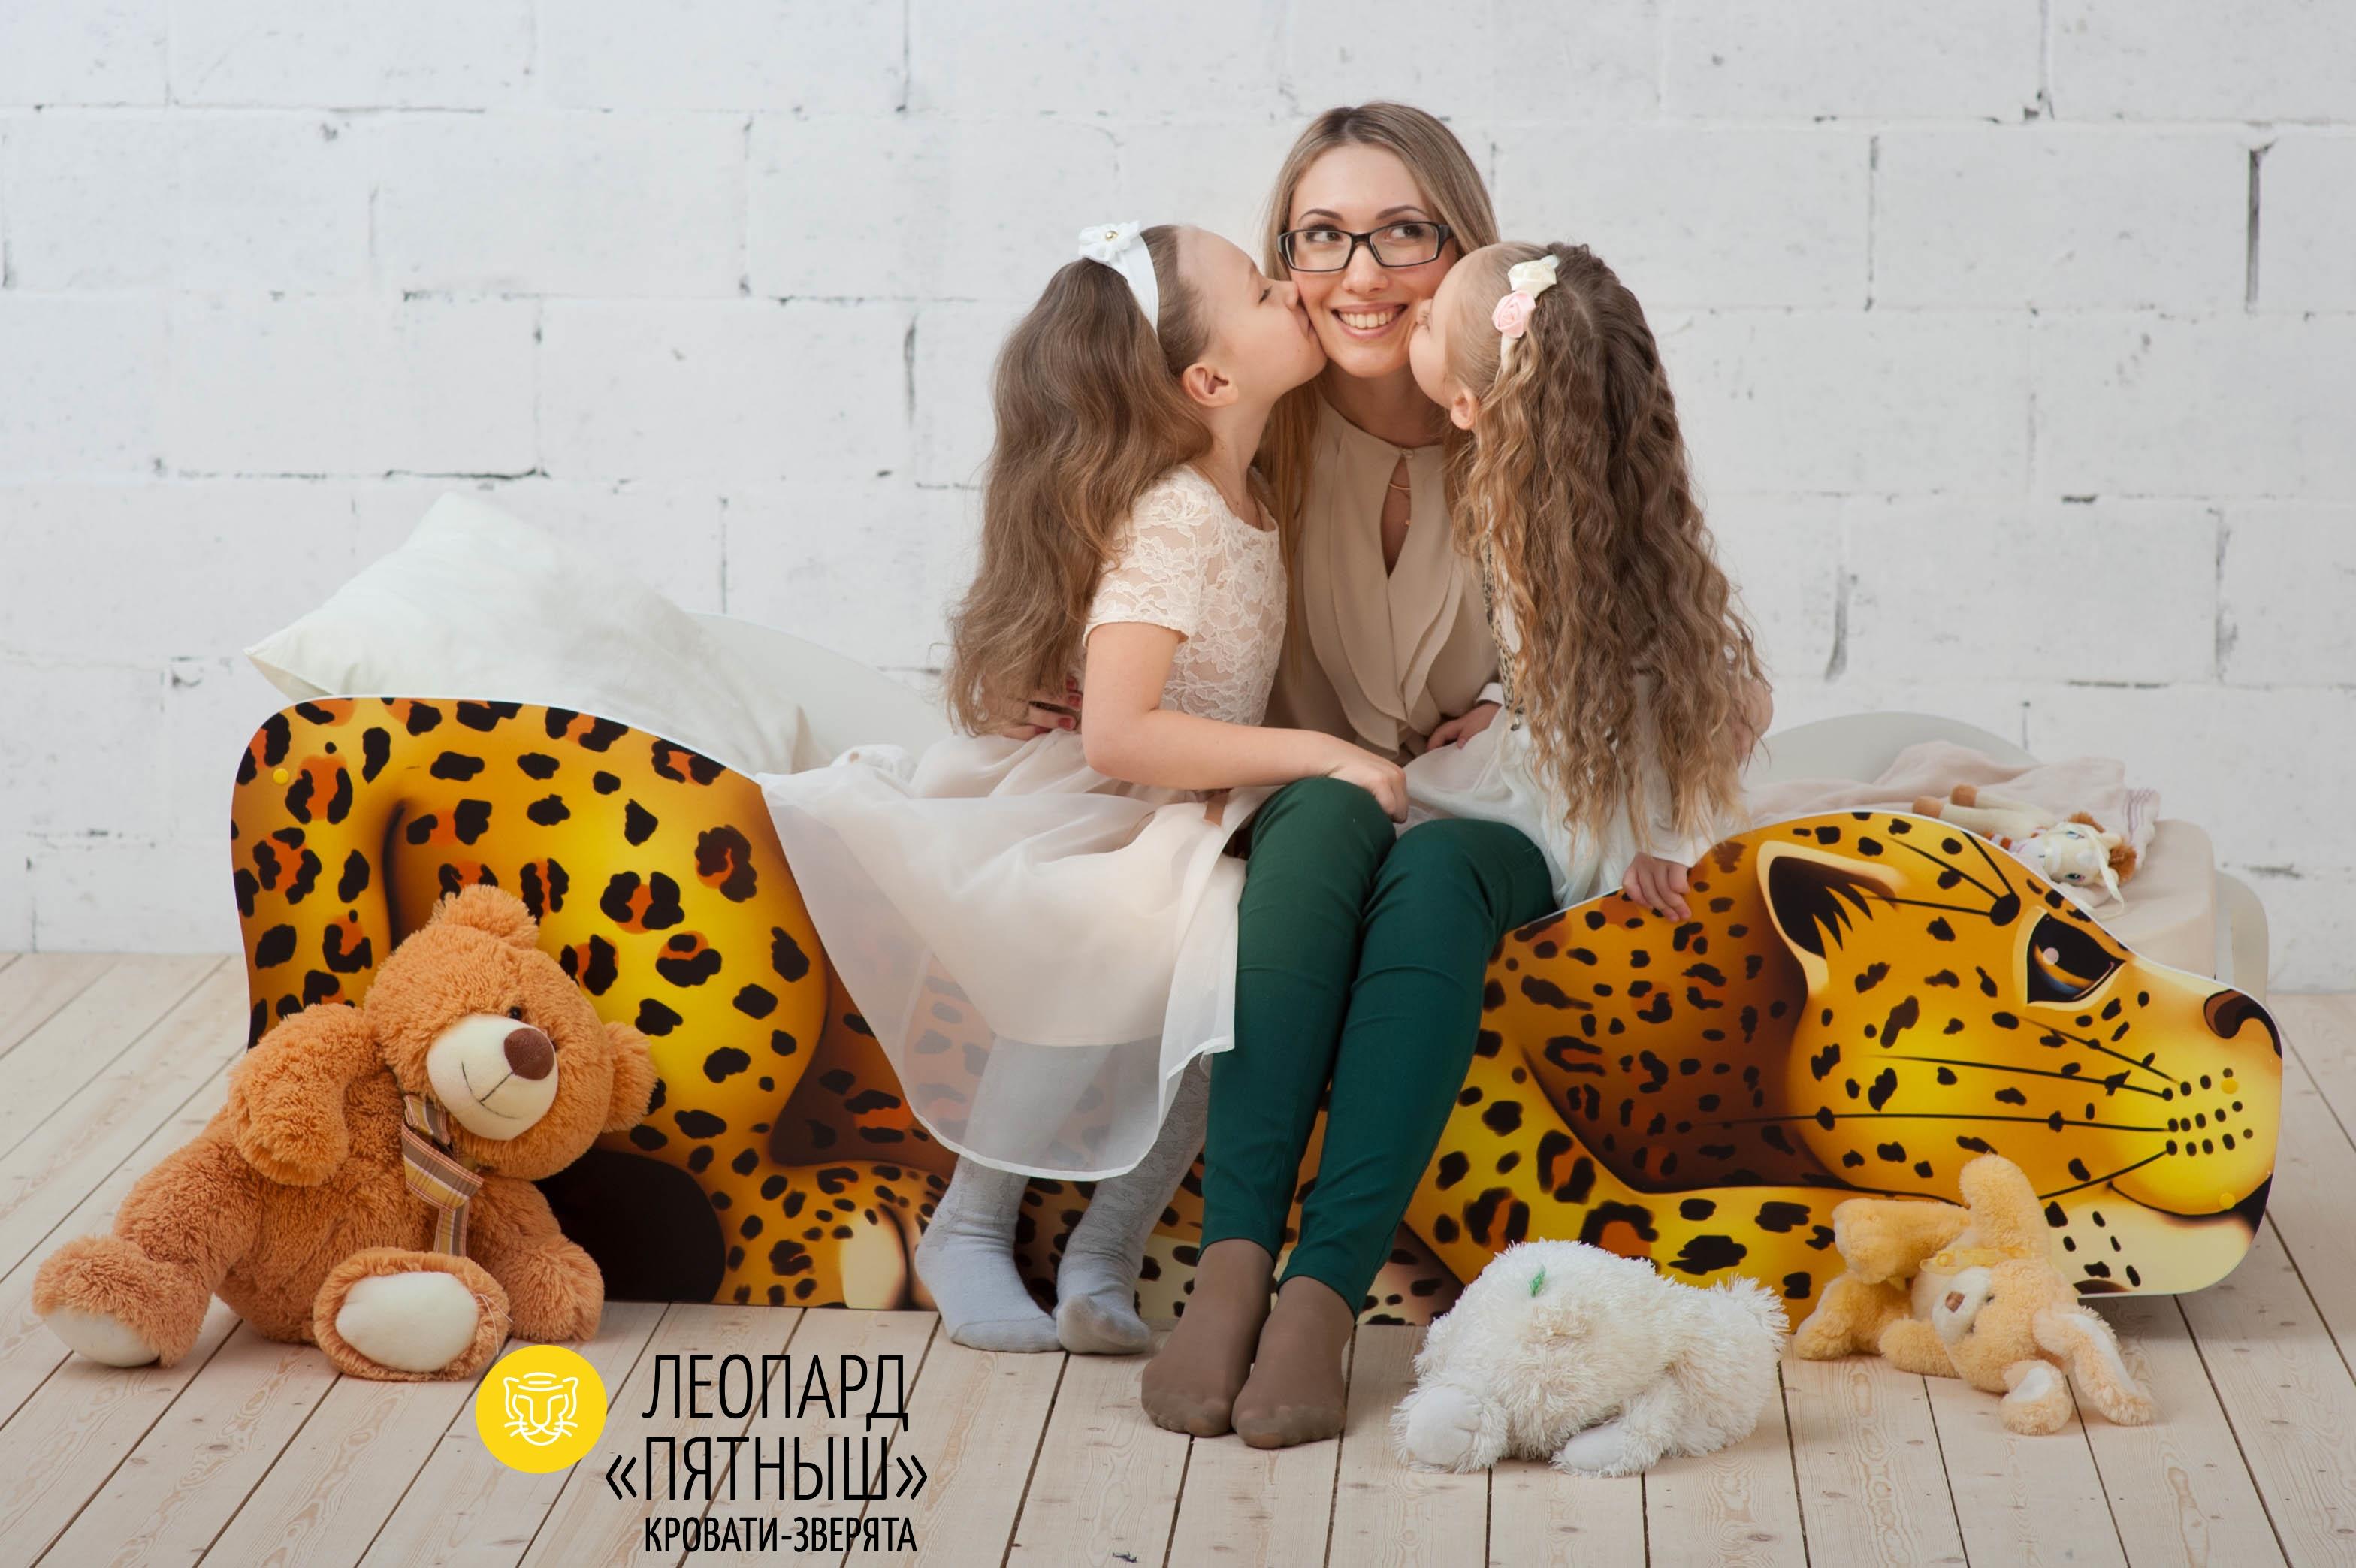 Детская кровать-зверенок -Леопард-Пятныш-8